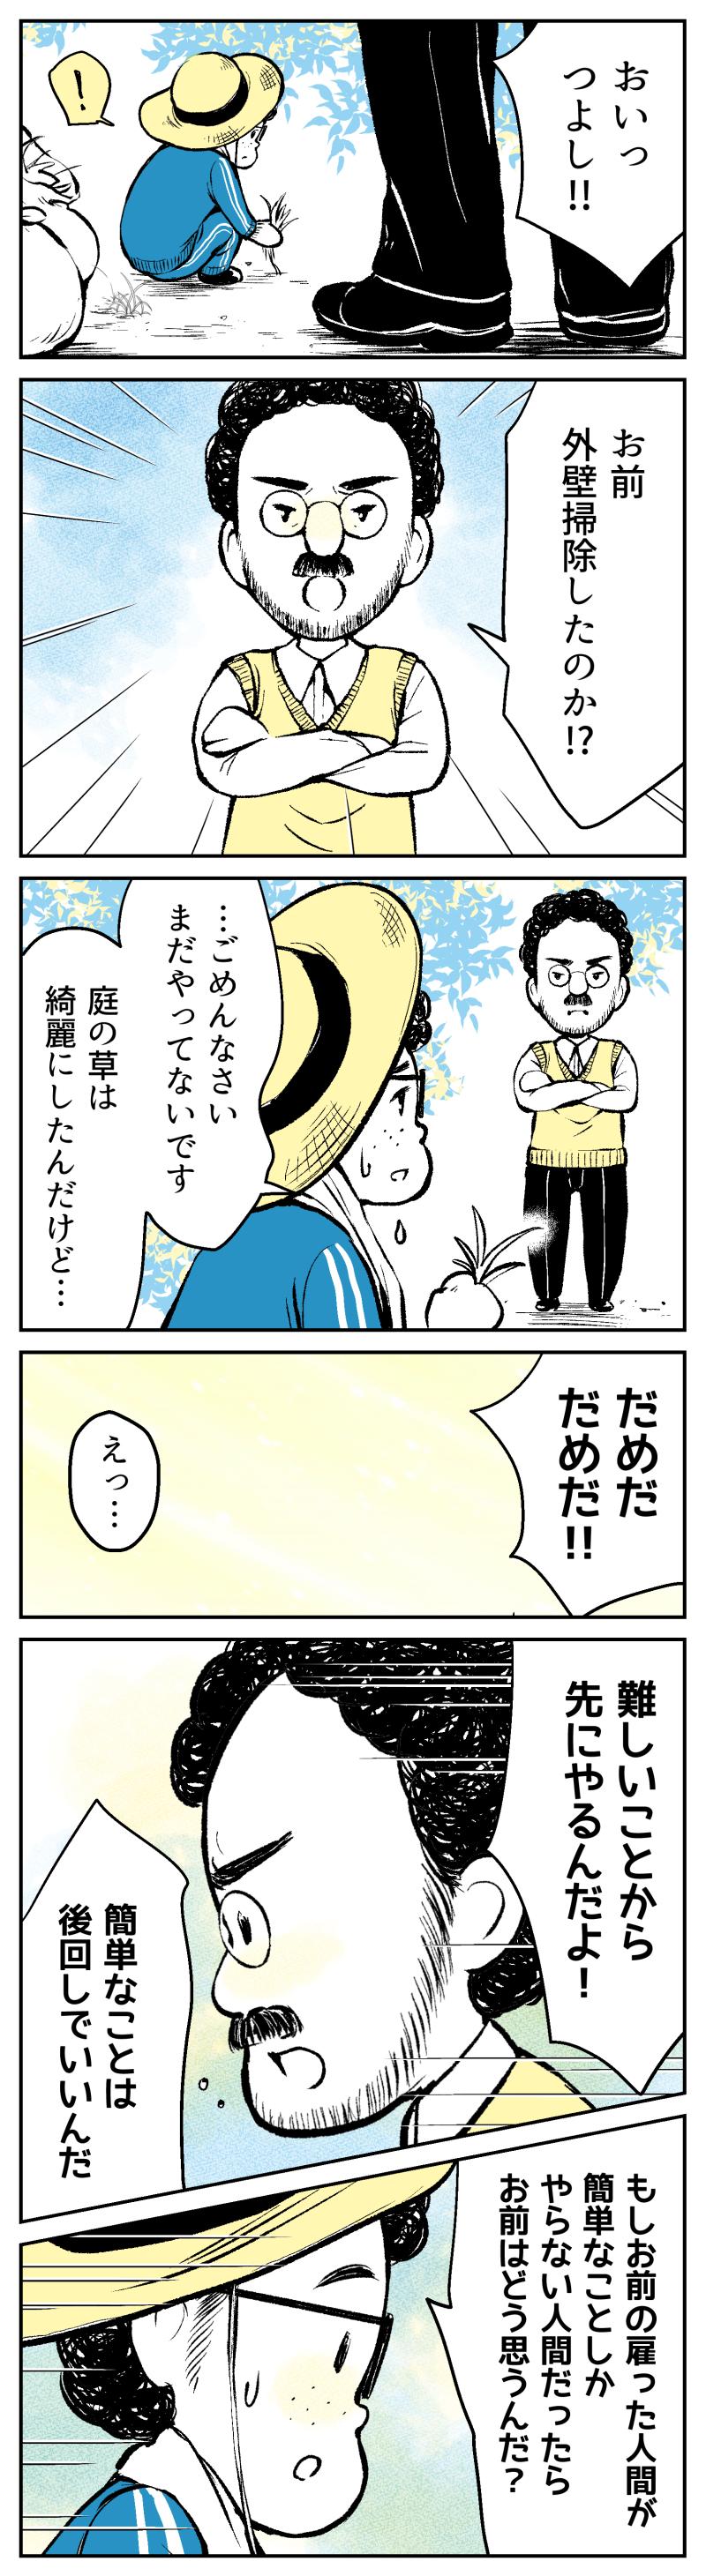 伯爵4話_008.jpg